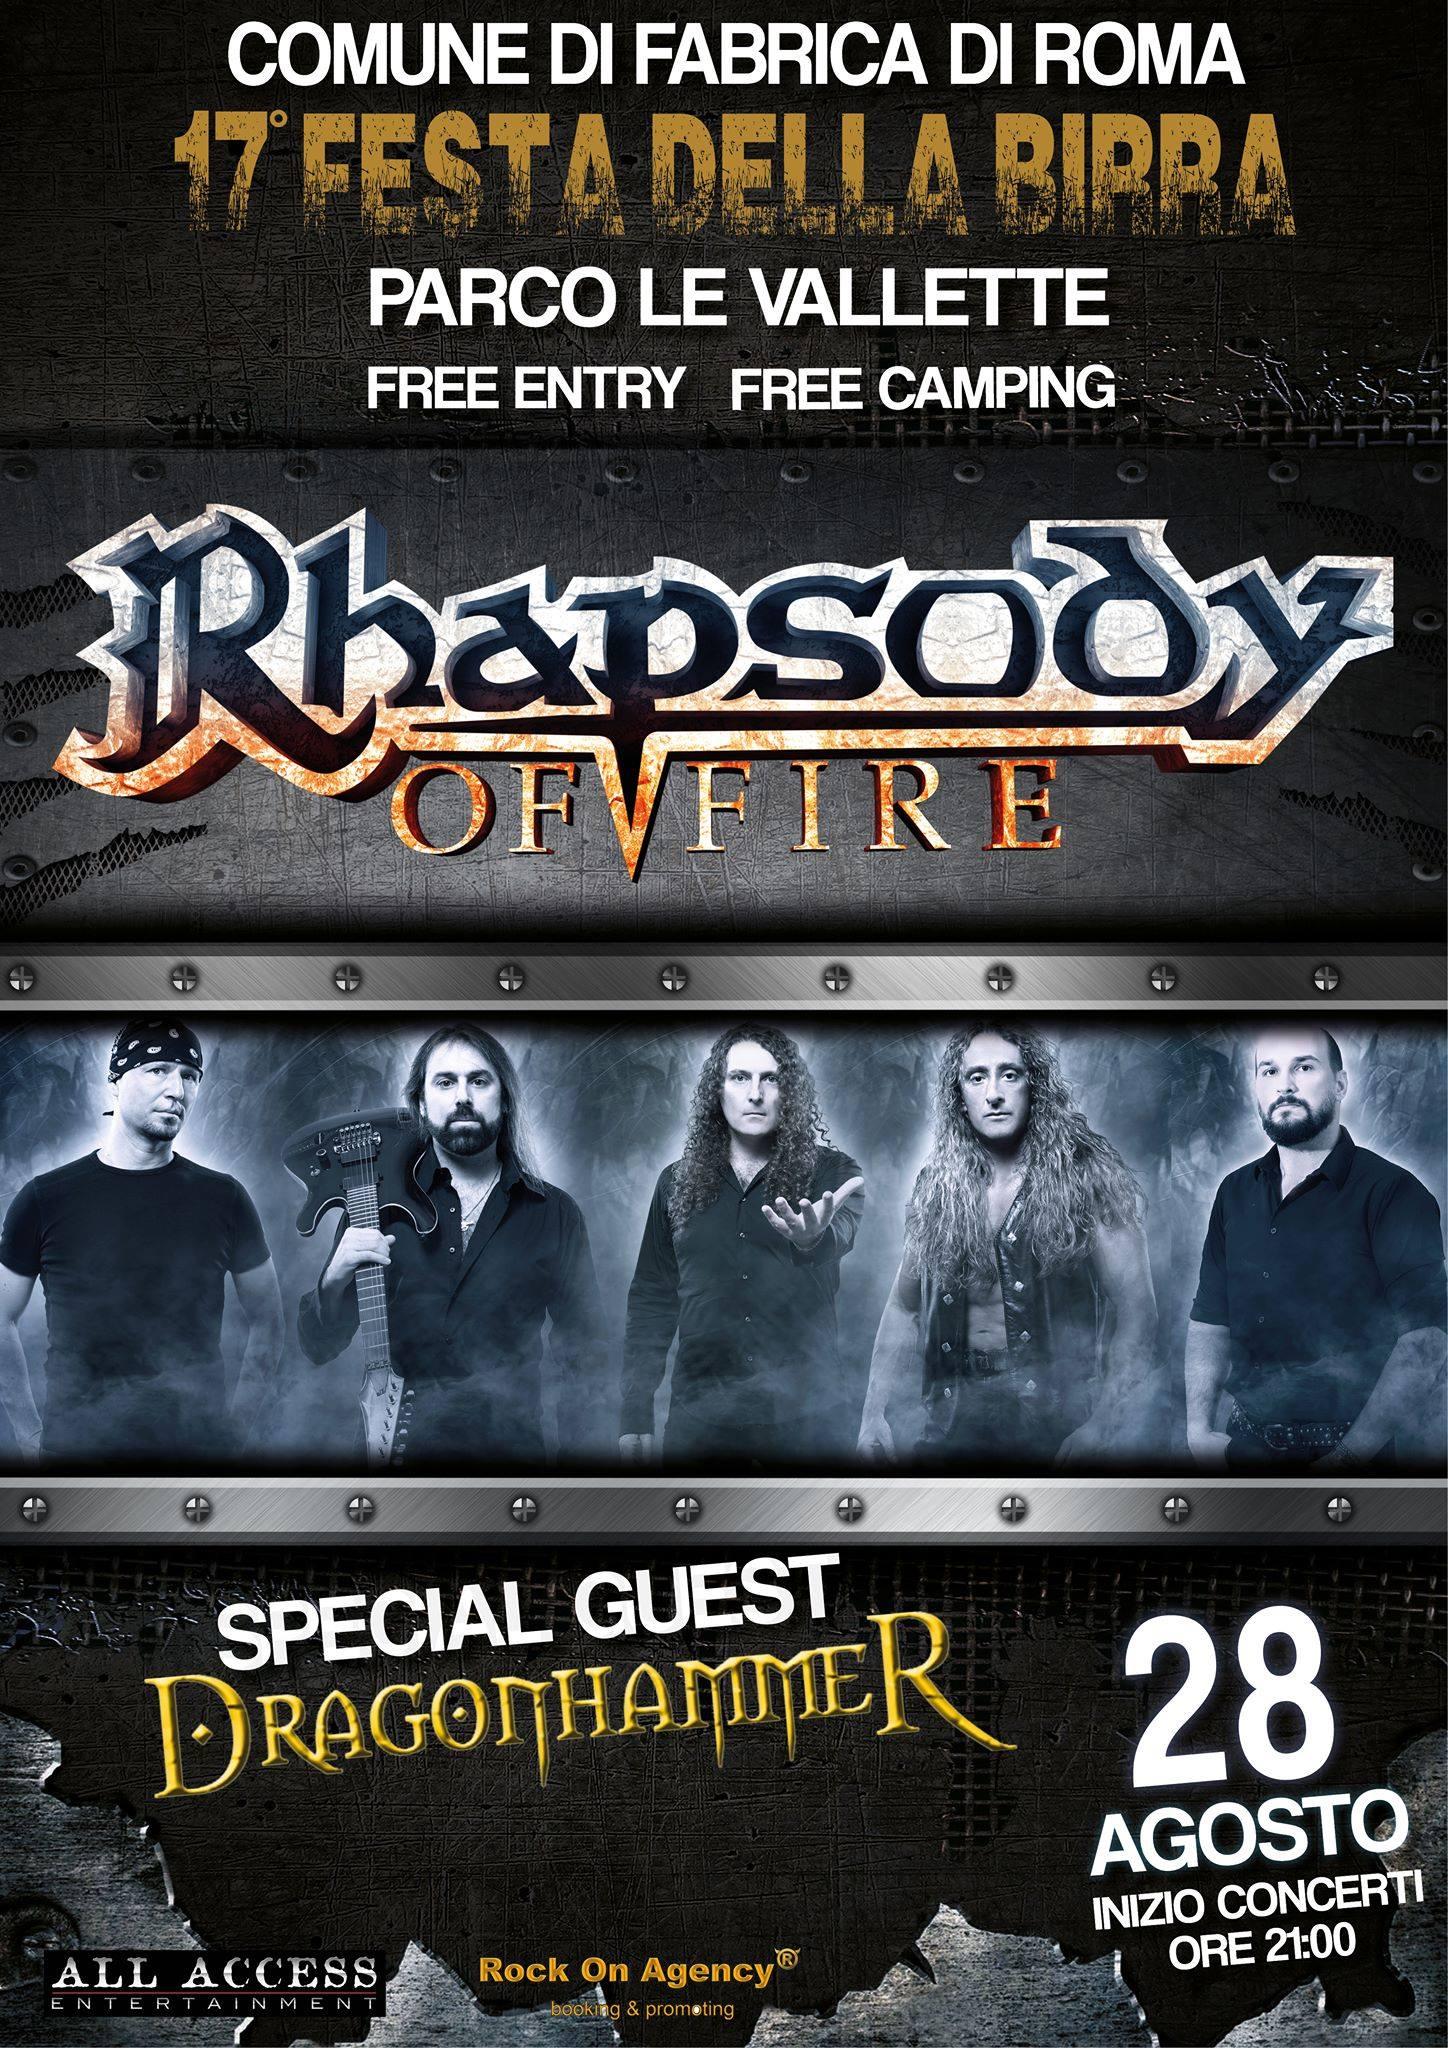 Rhapsody of Fire @ Festa della Birra - 28 08 2015